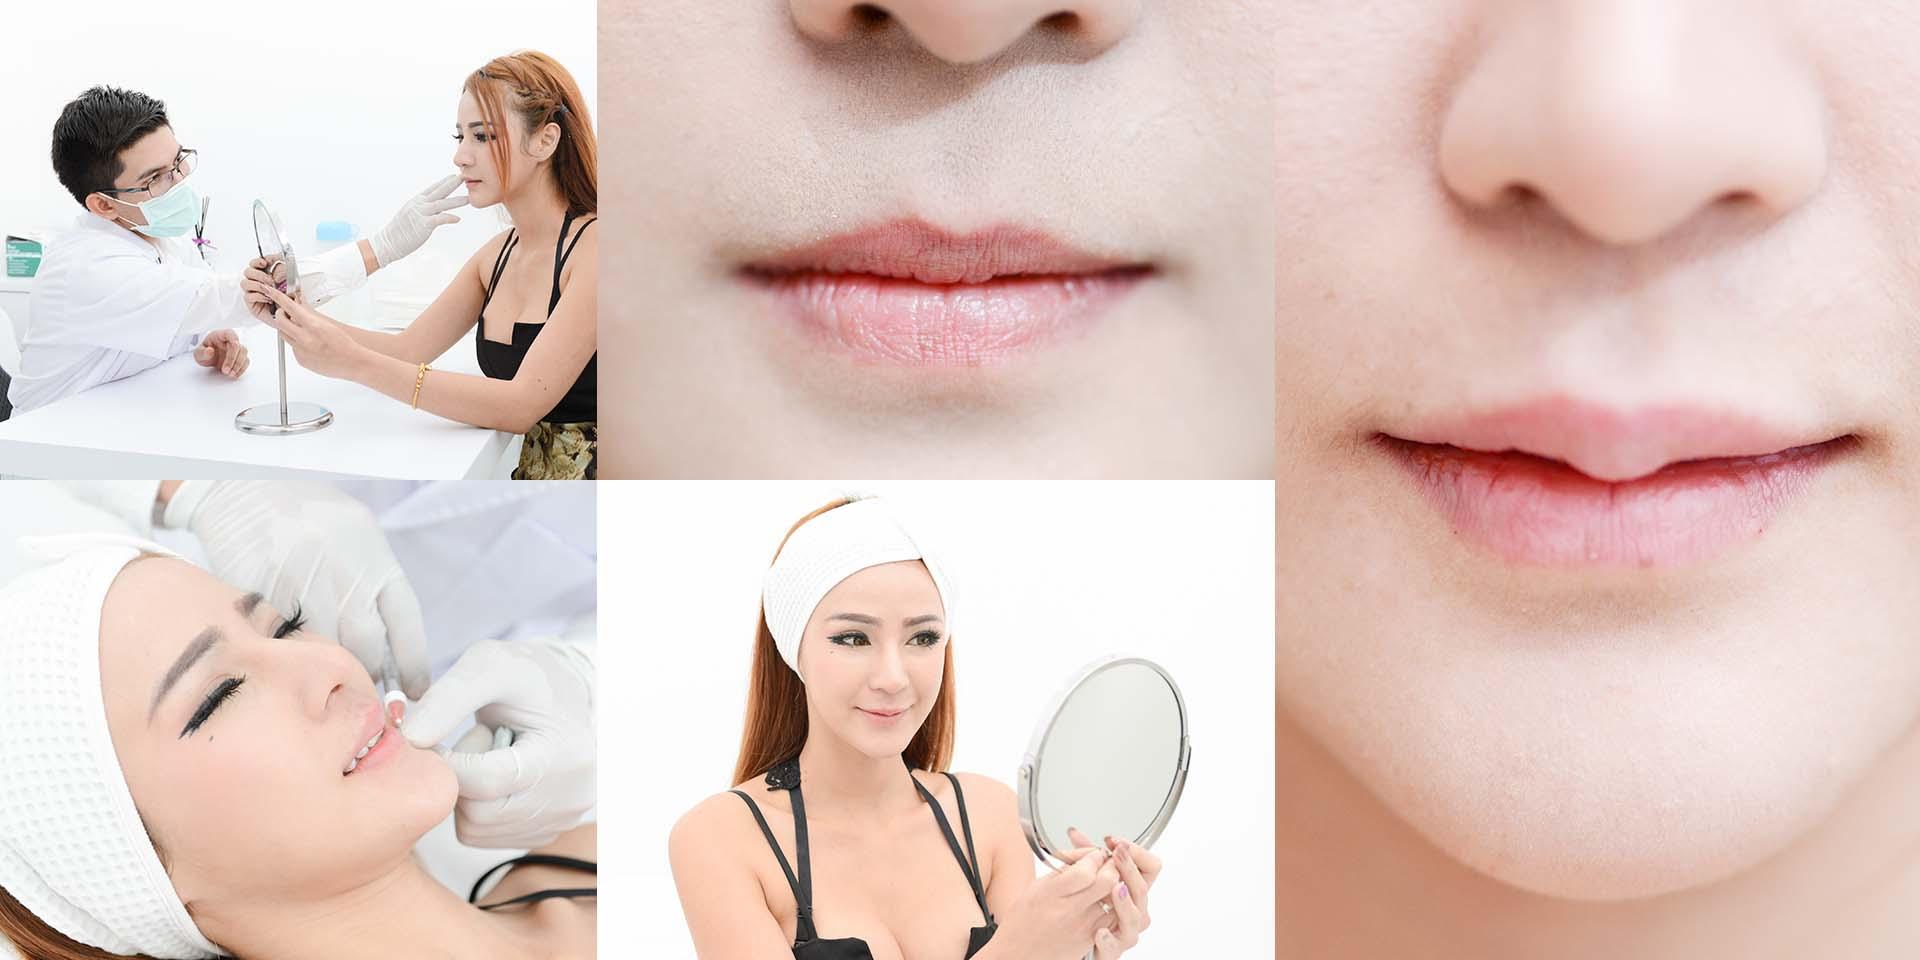 ปากกระจับสวยได้รูป มีได้ง่ายๆ โดยไม่ต้องผ่าตัด! ที่ Simply Clinic